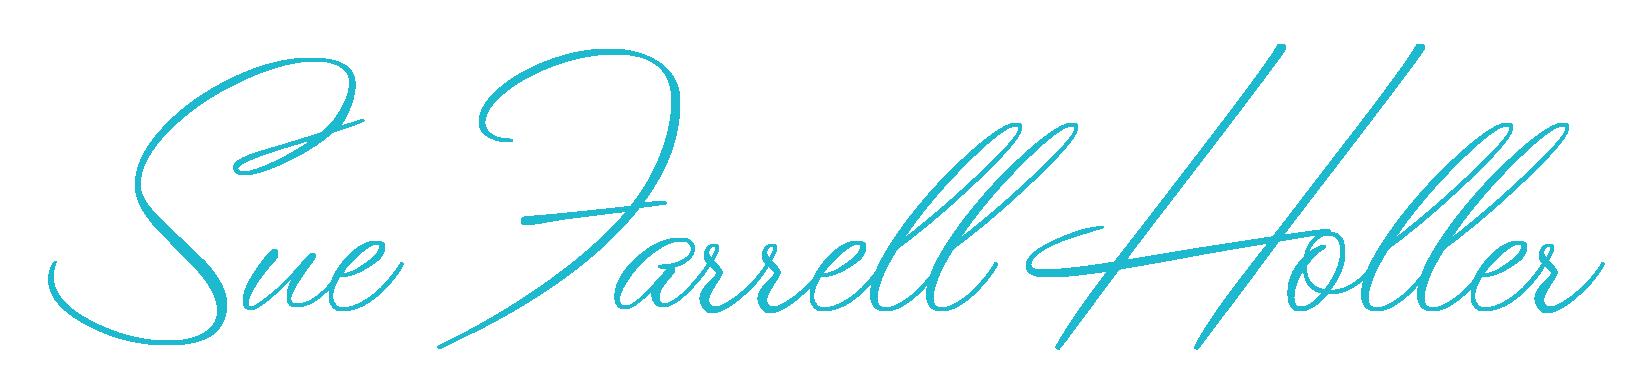 Sue Farrell Holler